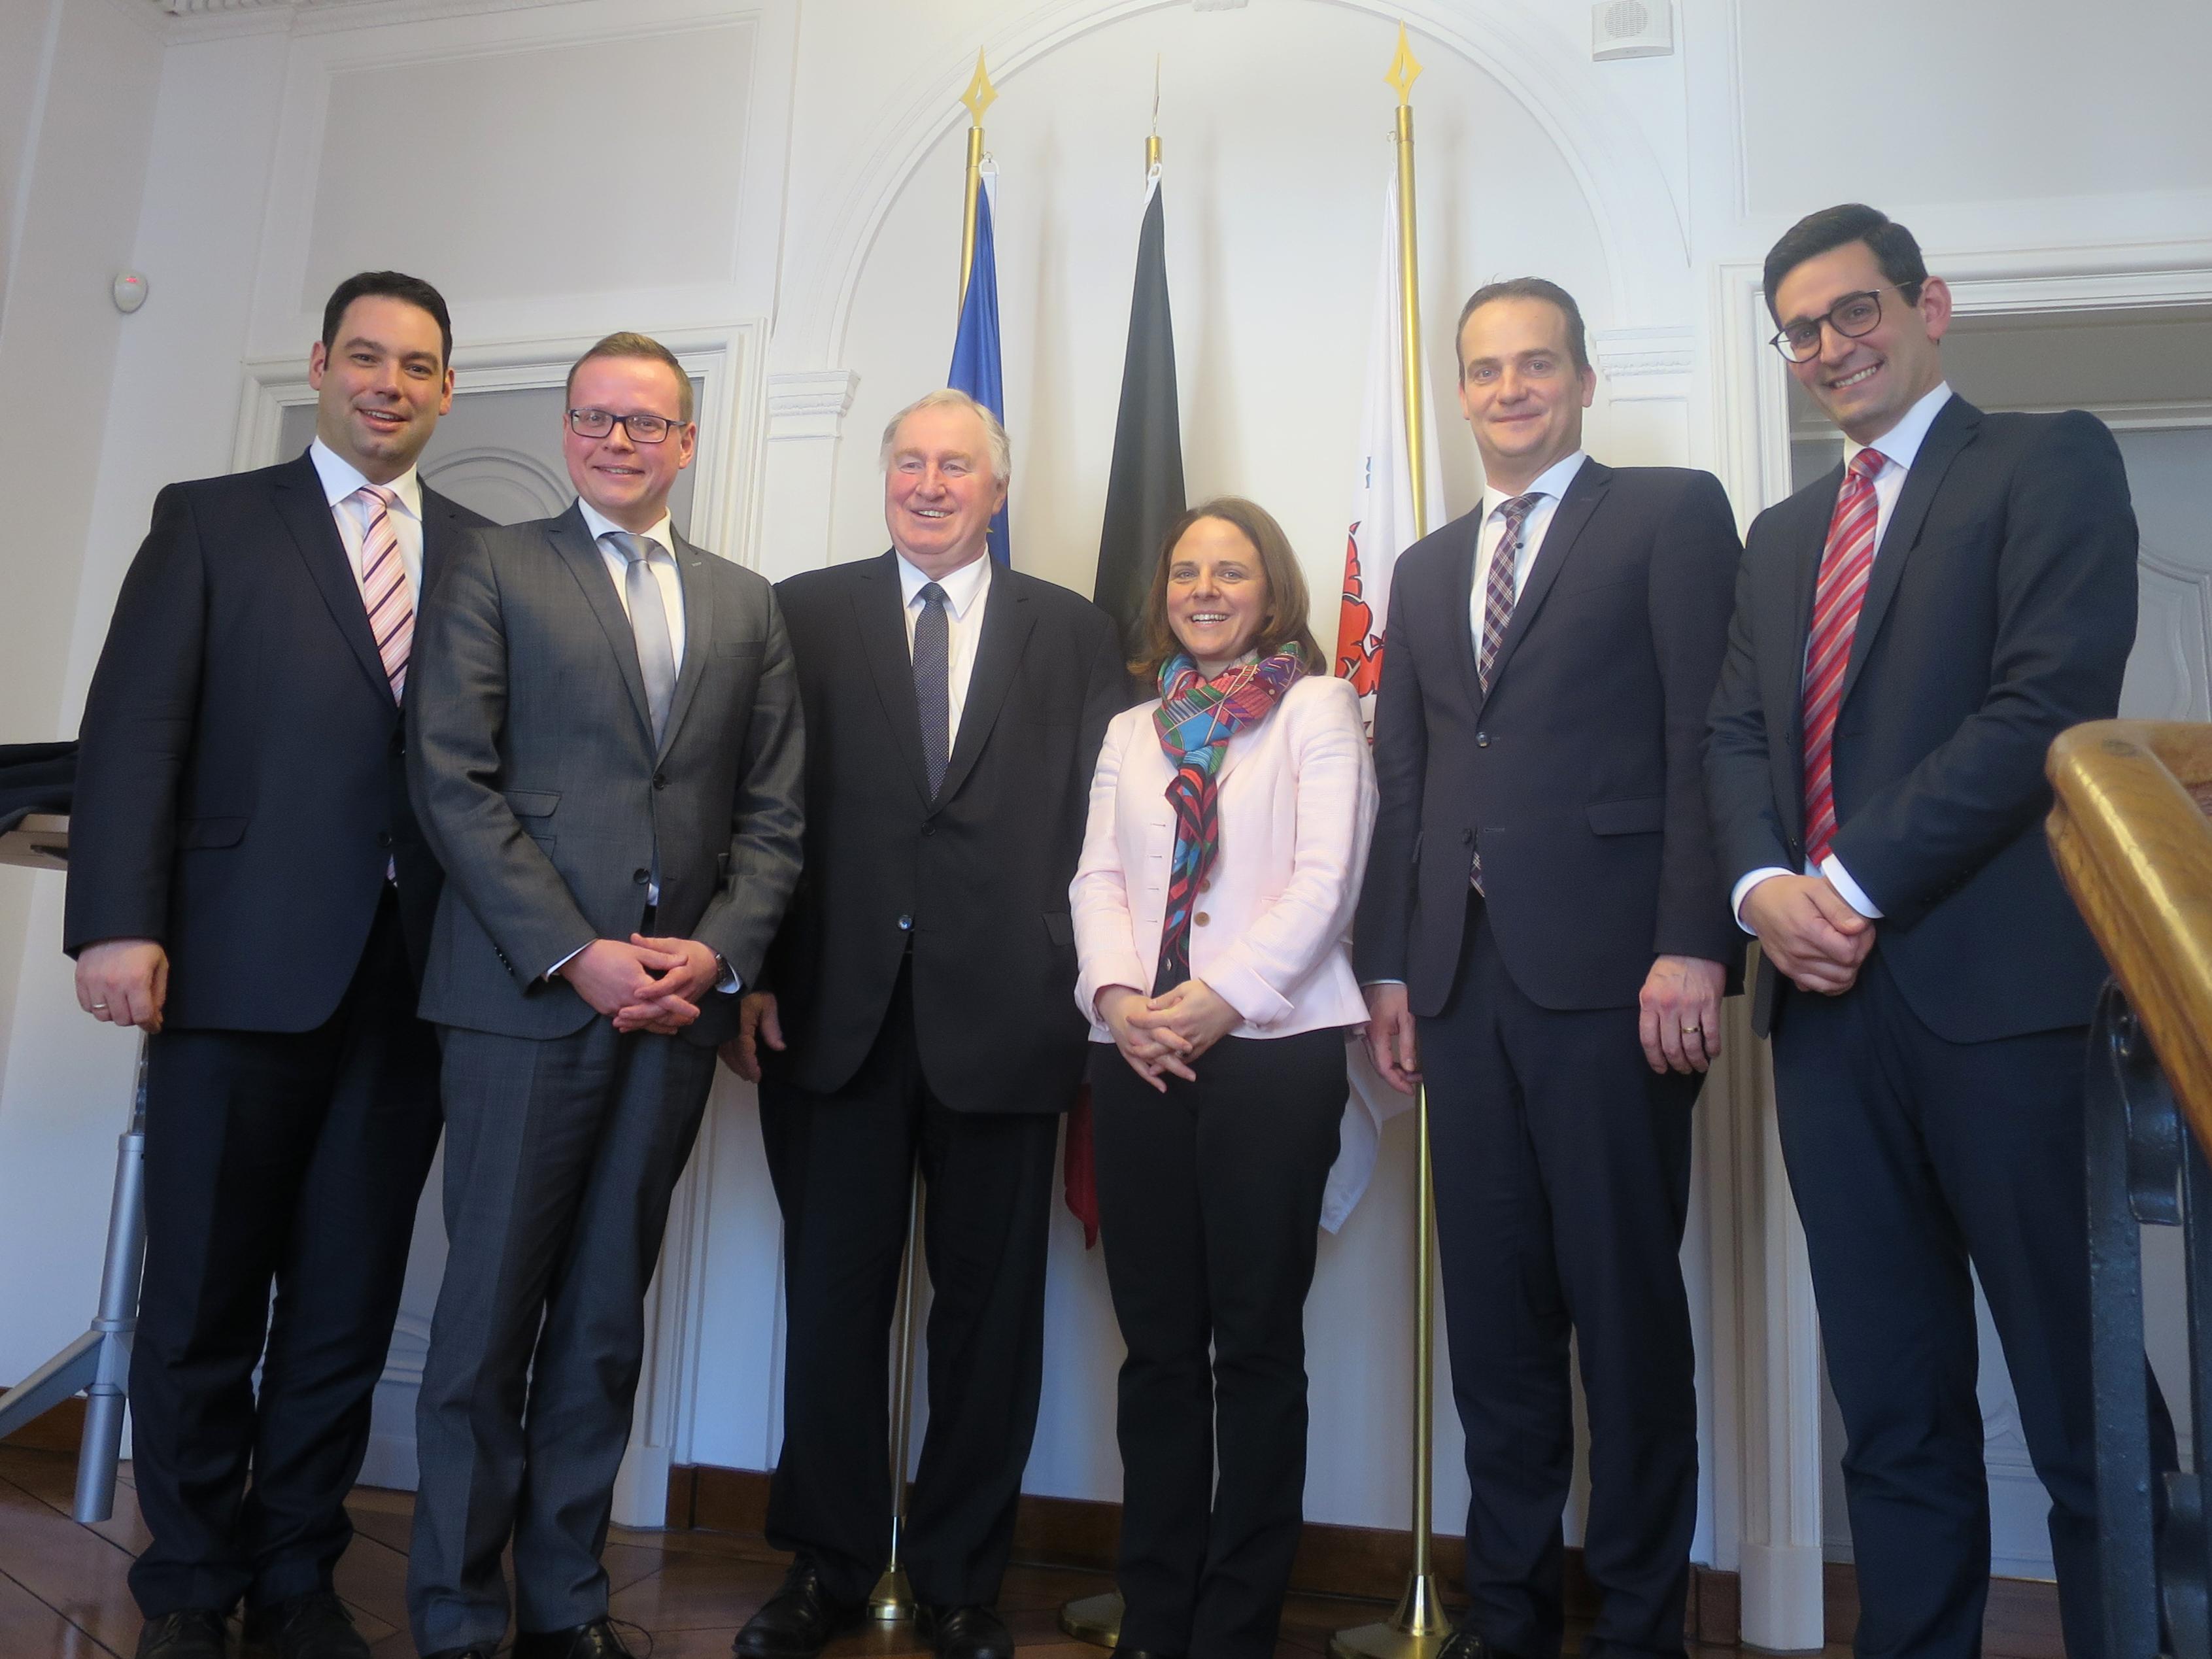 (v.l.n.r.) Harald Mollers ; Alexander Miesen ; Karl-Heinz Lambertz ; Corinne Cahen ; Oliver Paasch ; Antonios Antoniadis